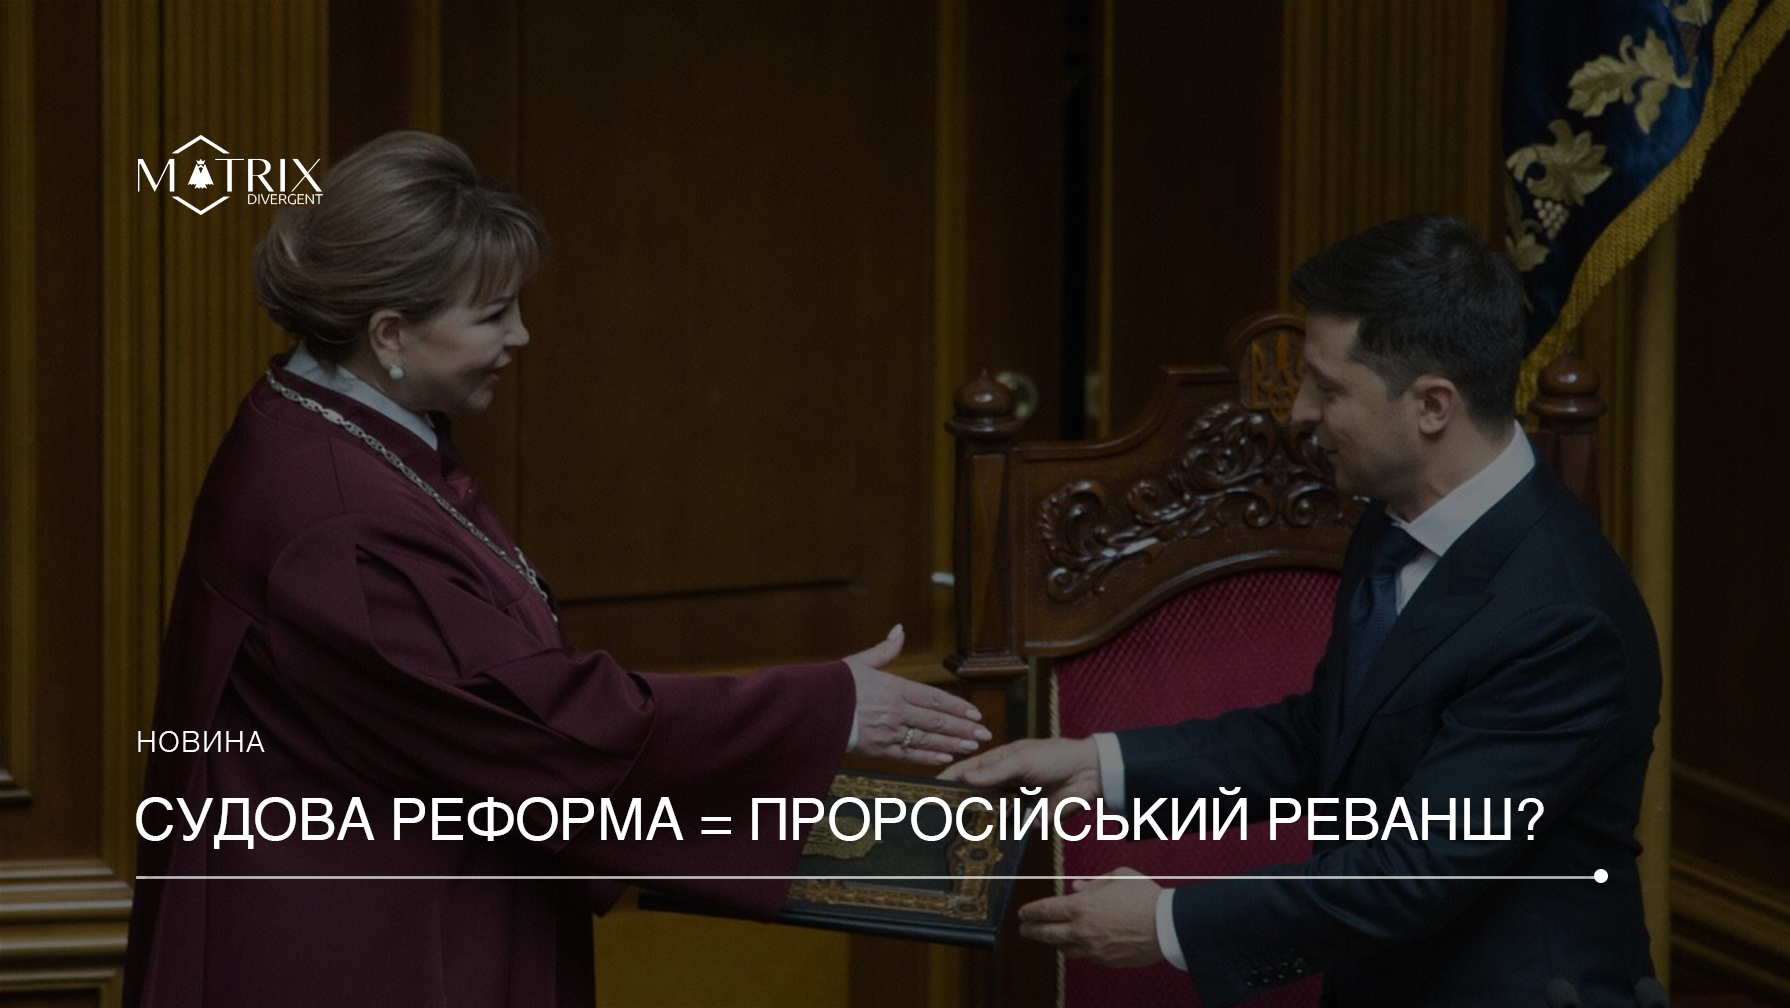 Судова реформа Зеленського: профанація чи запланований провал?